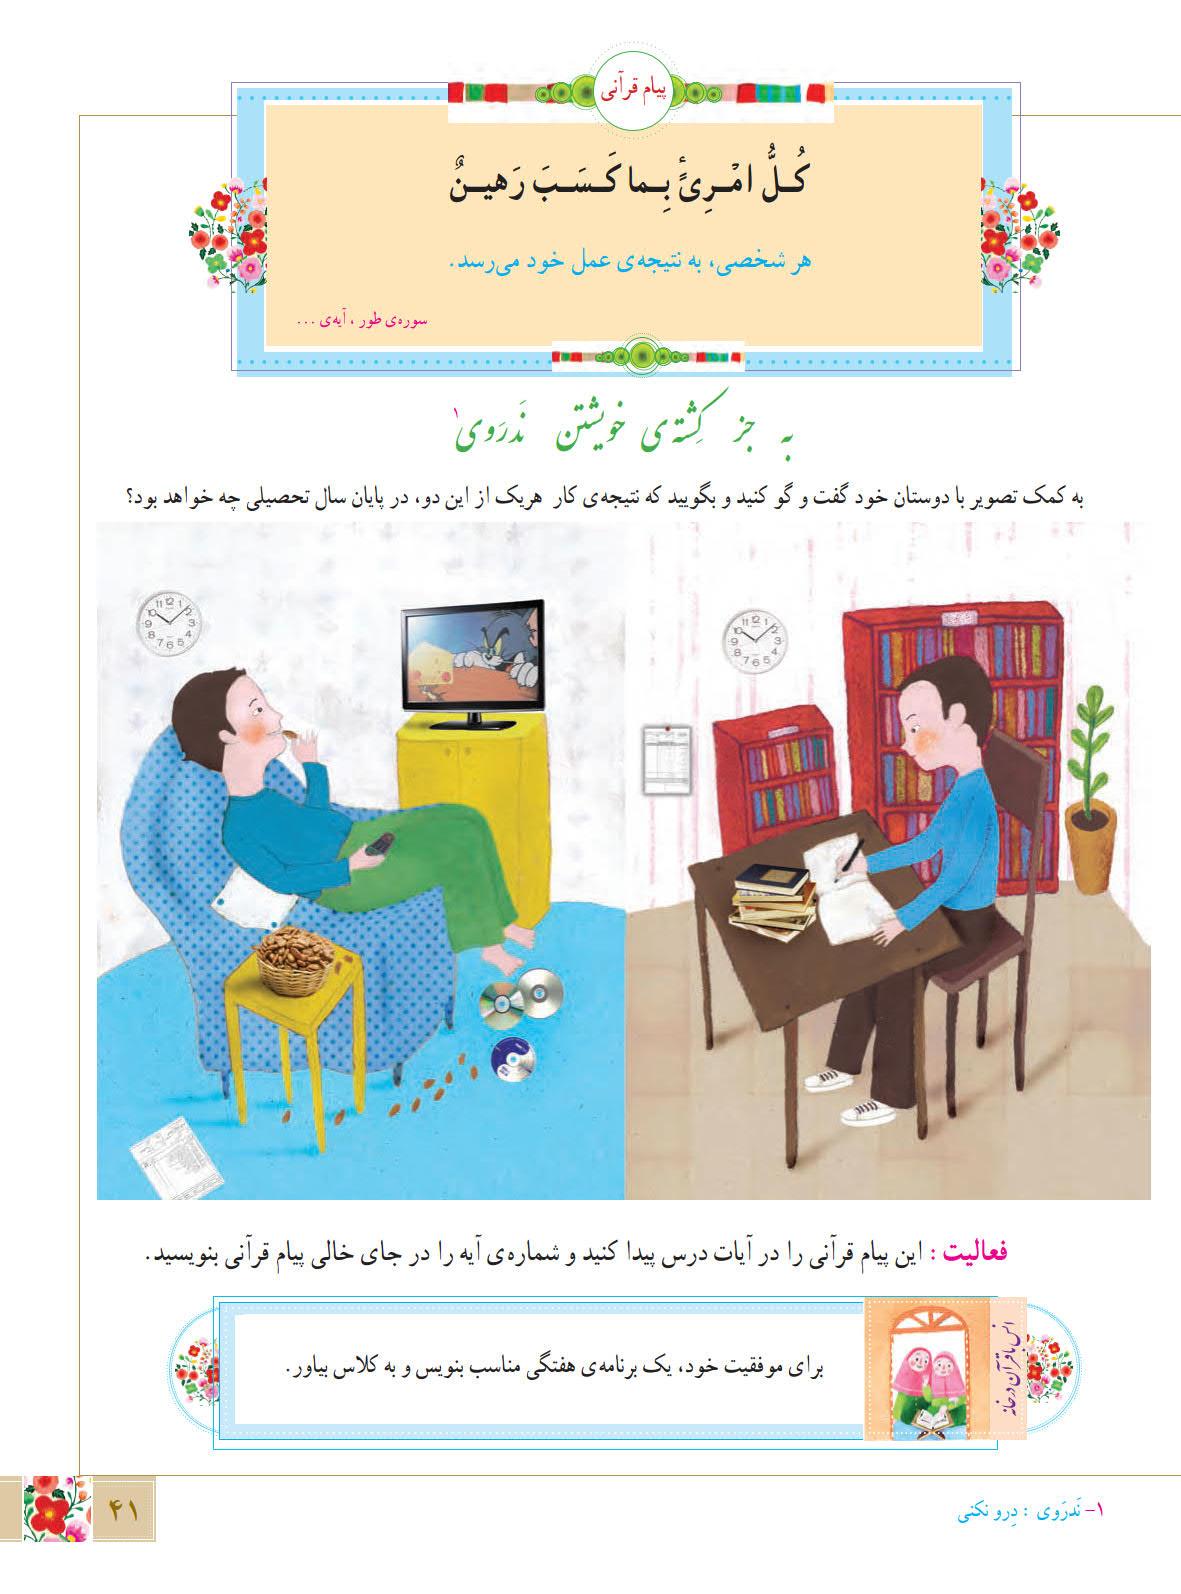 درس ششم آموزش قرآن پایه ششم - کلاس اینترنتی ما -صفحه 41 - مومکا - momeka.ir (5)